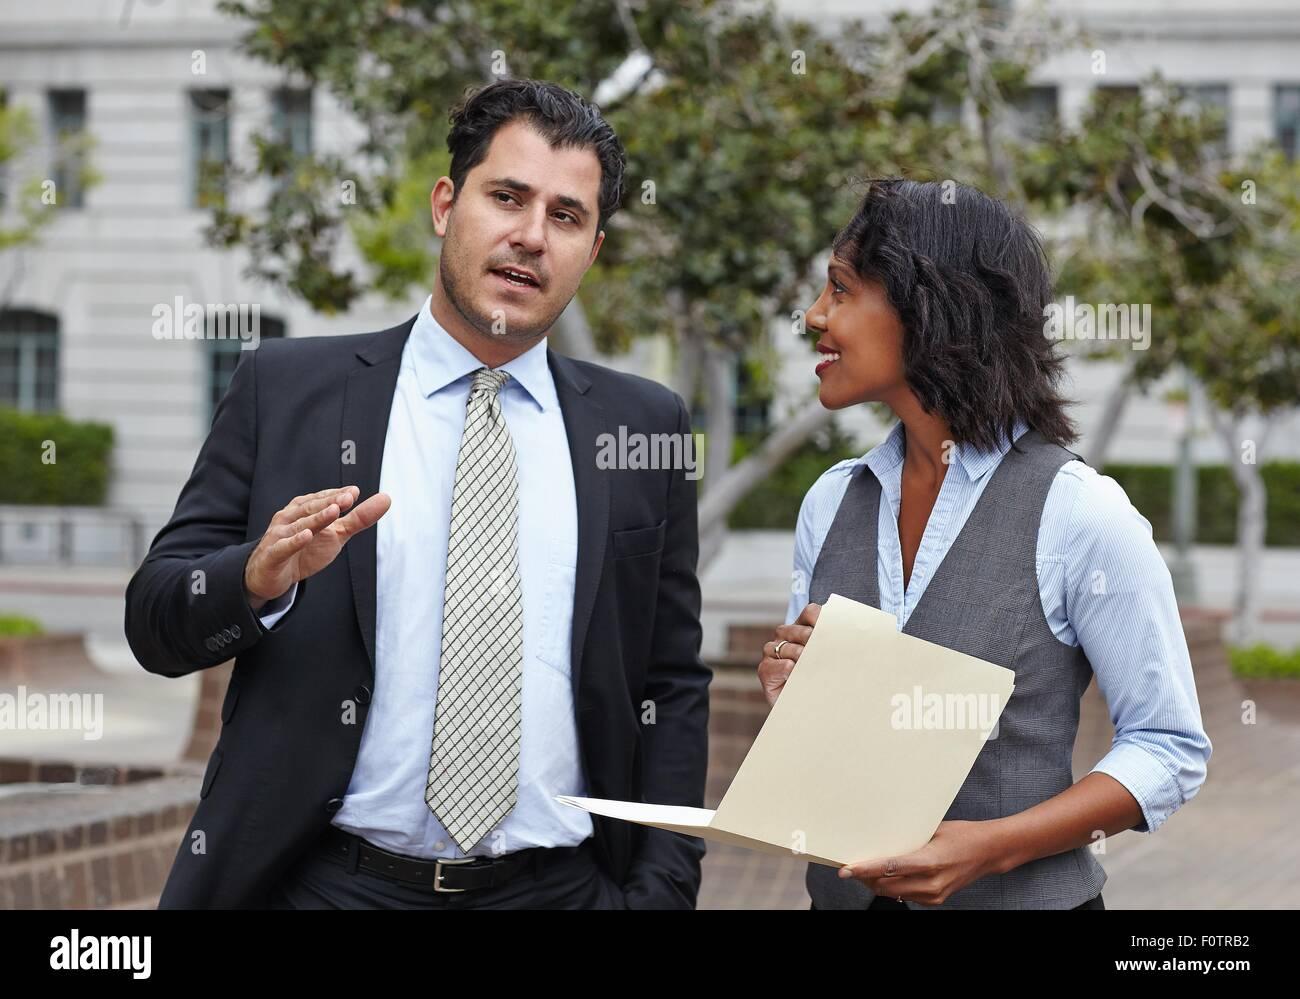 Vista frontal de los empresarios hablando de papeleo, de cintura para arriba, mirando lejos Imagen De Stock